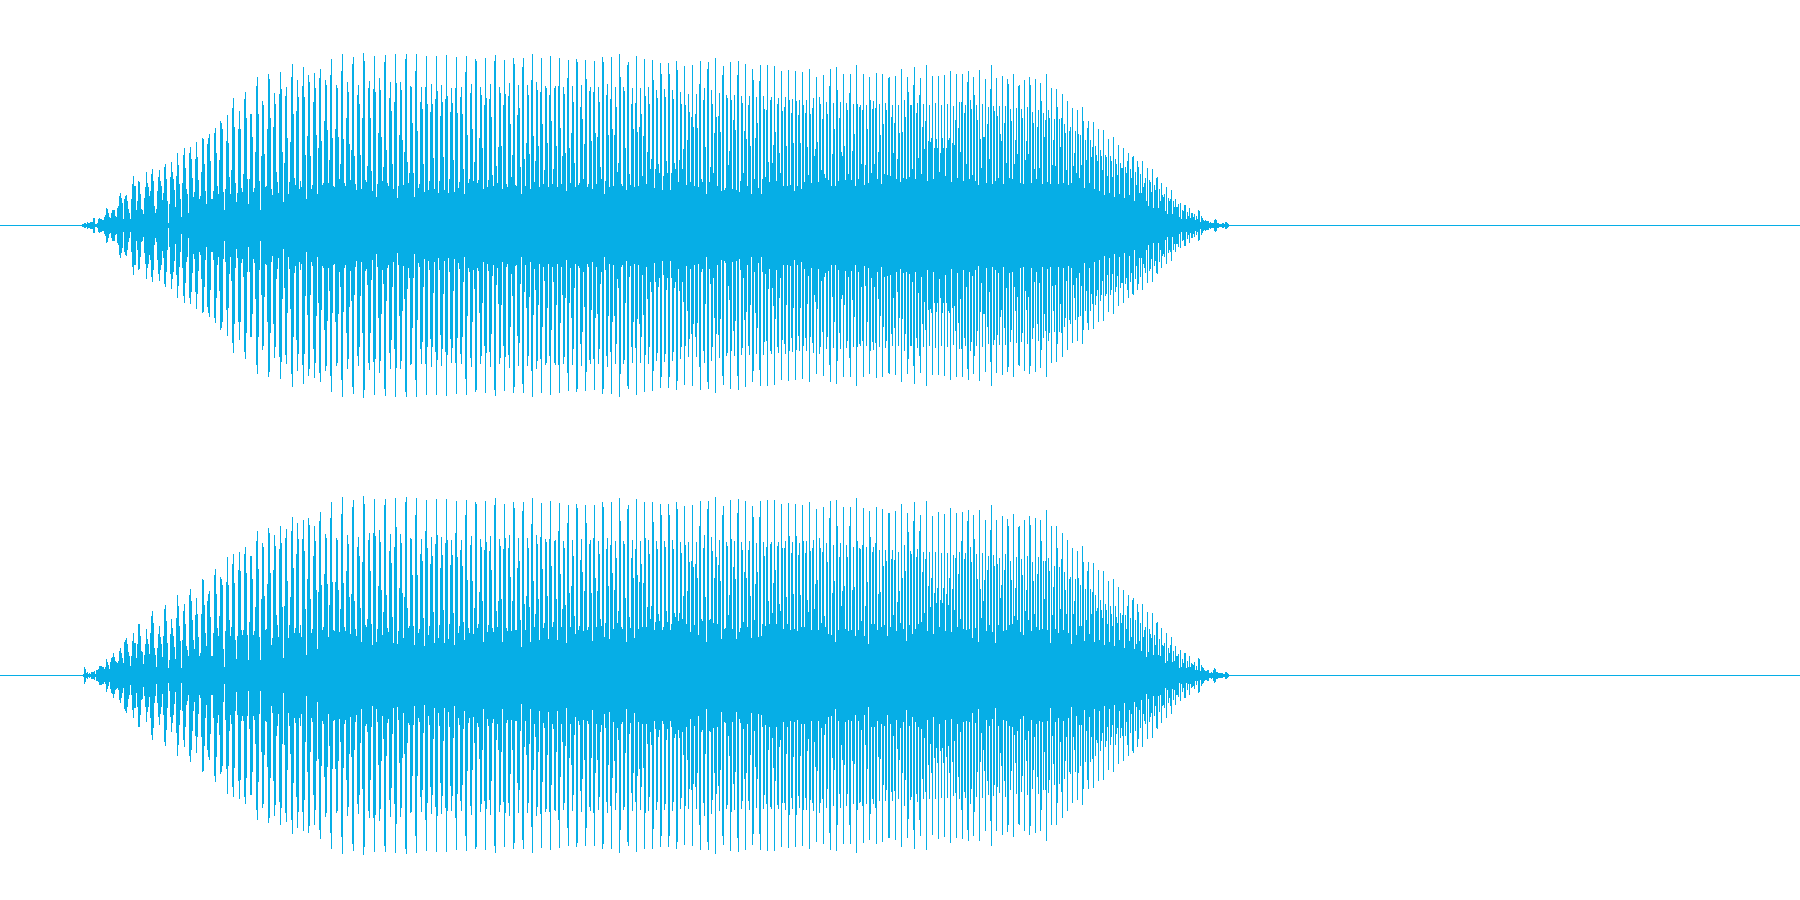 プョ(コミカルな音)の再生済みの波形